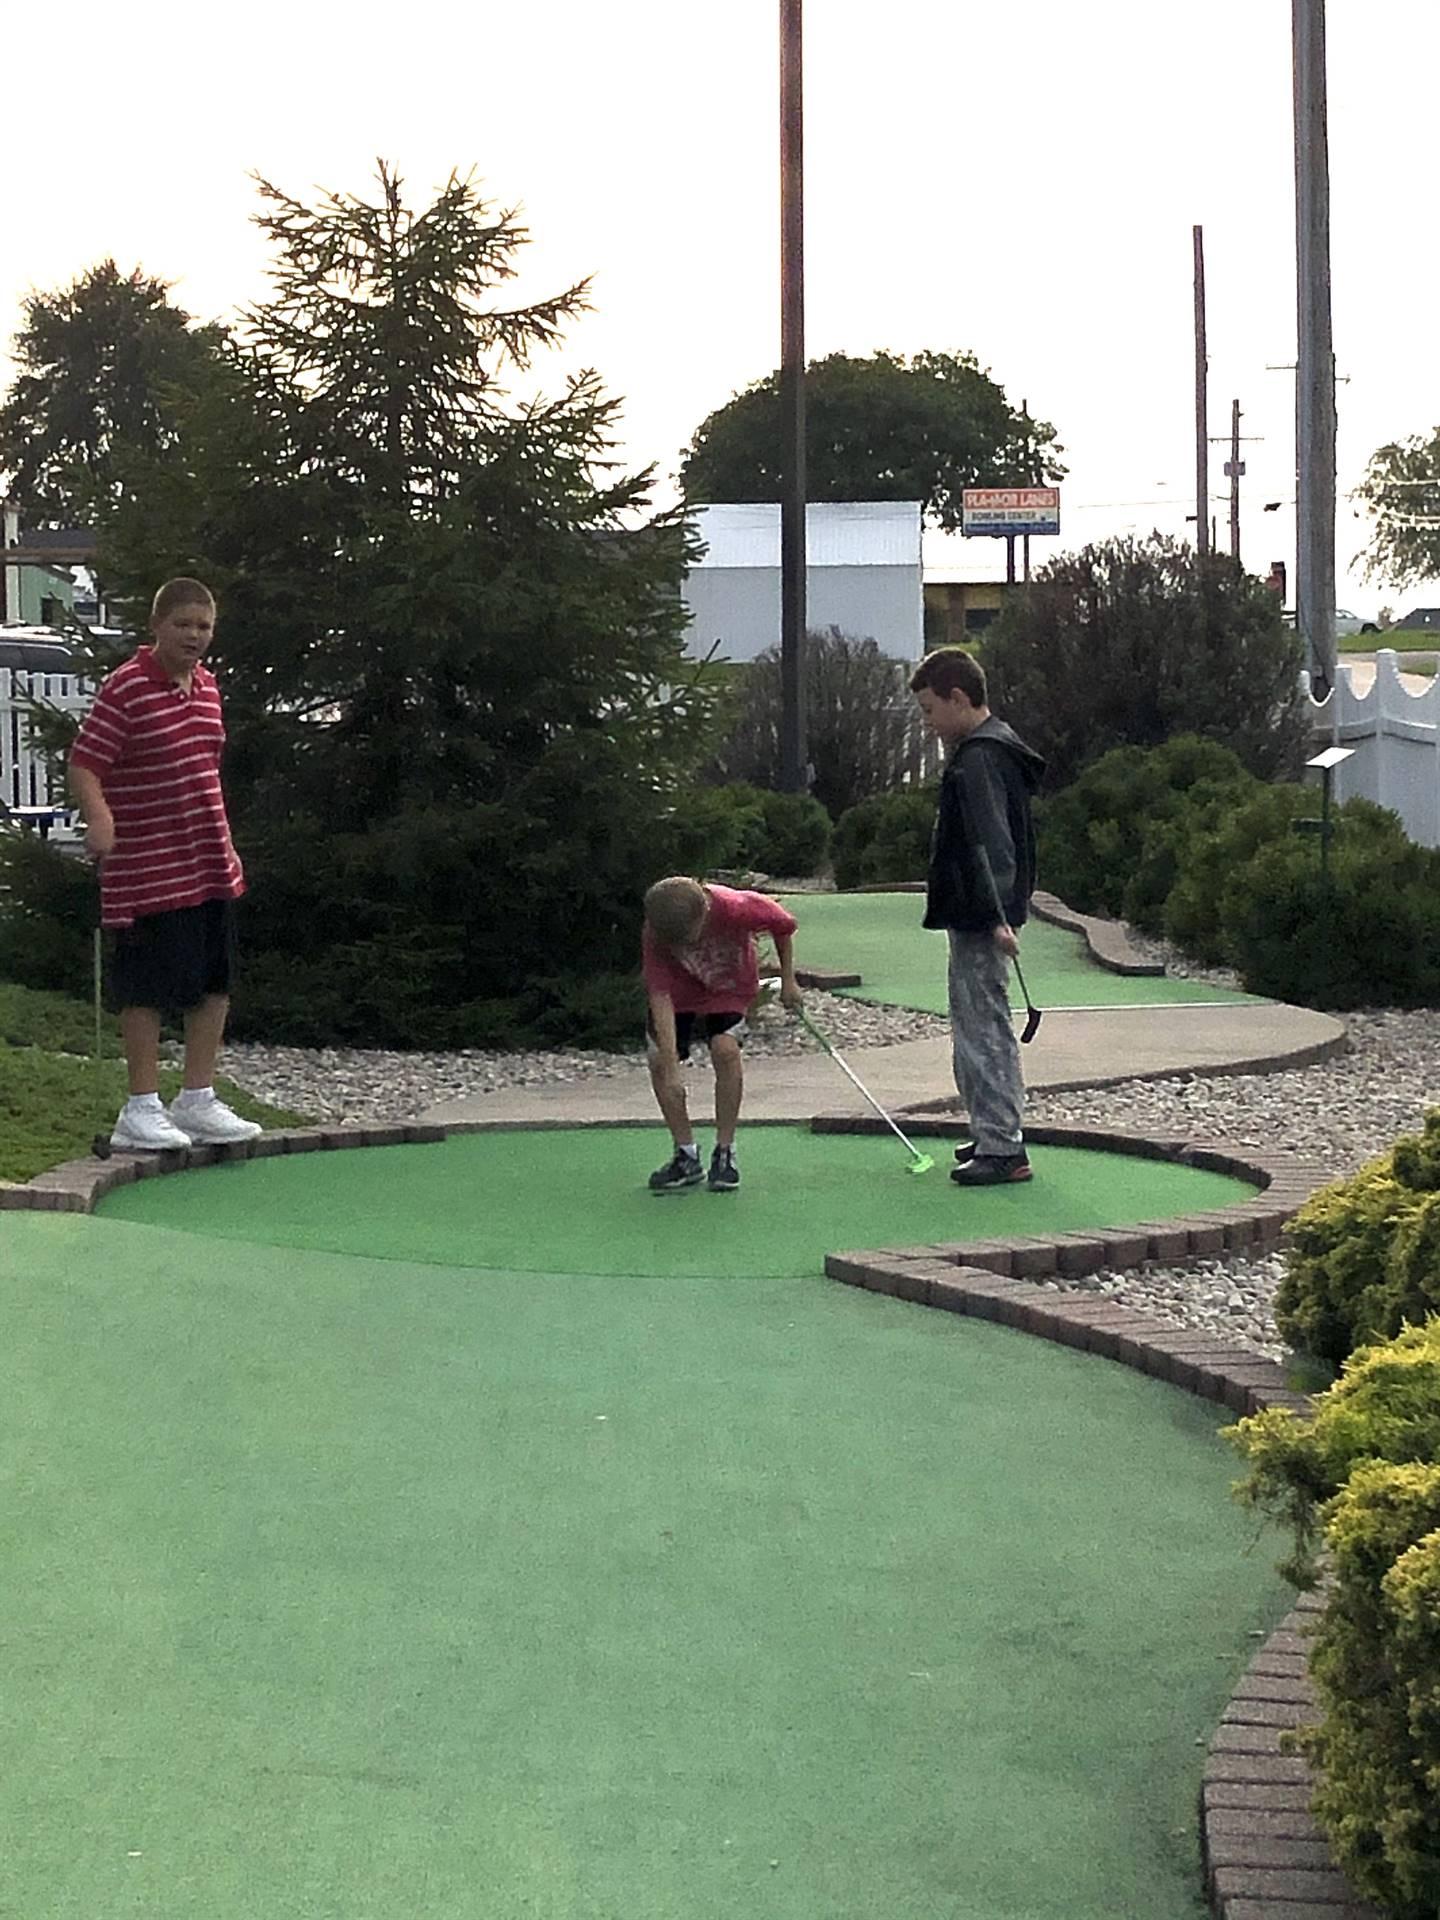 Playing putt putt golf.